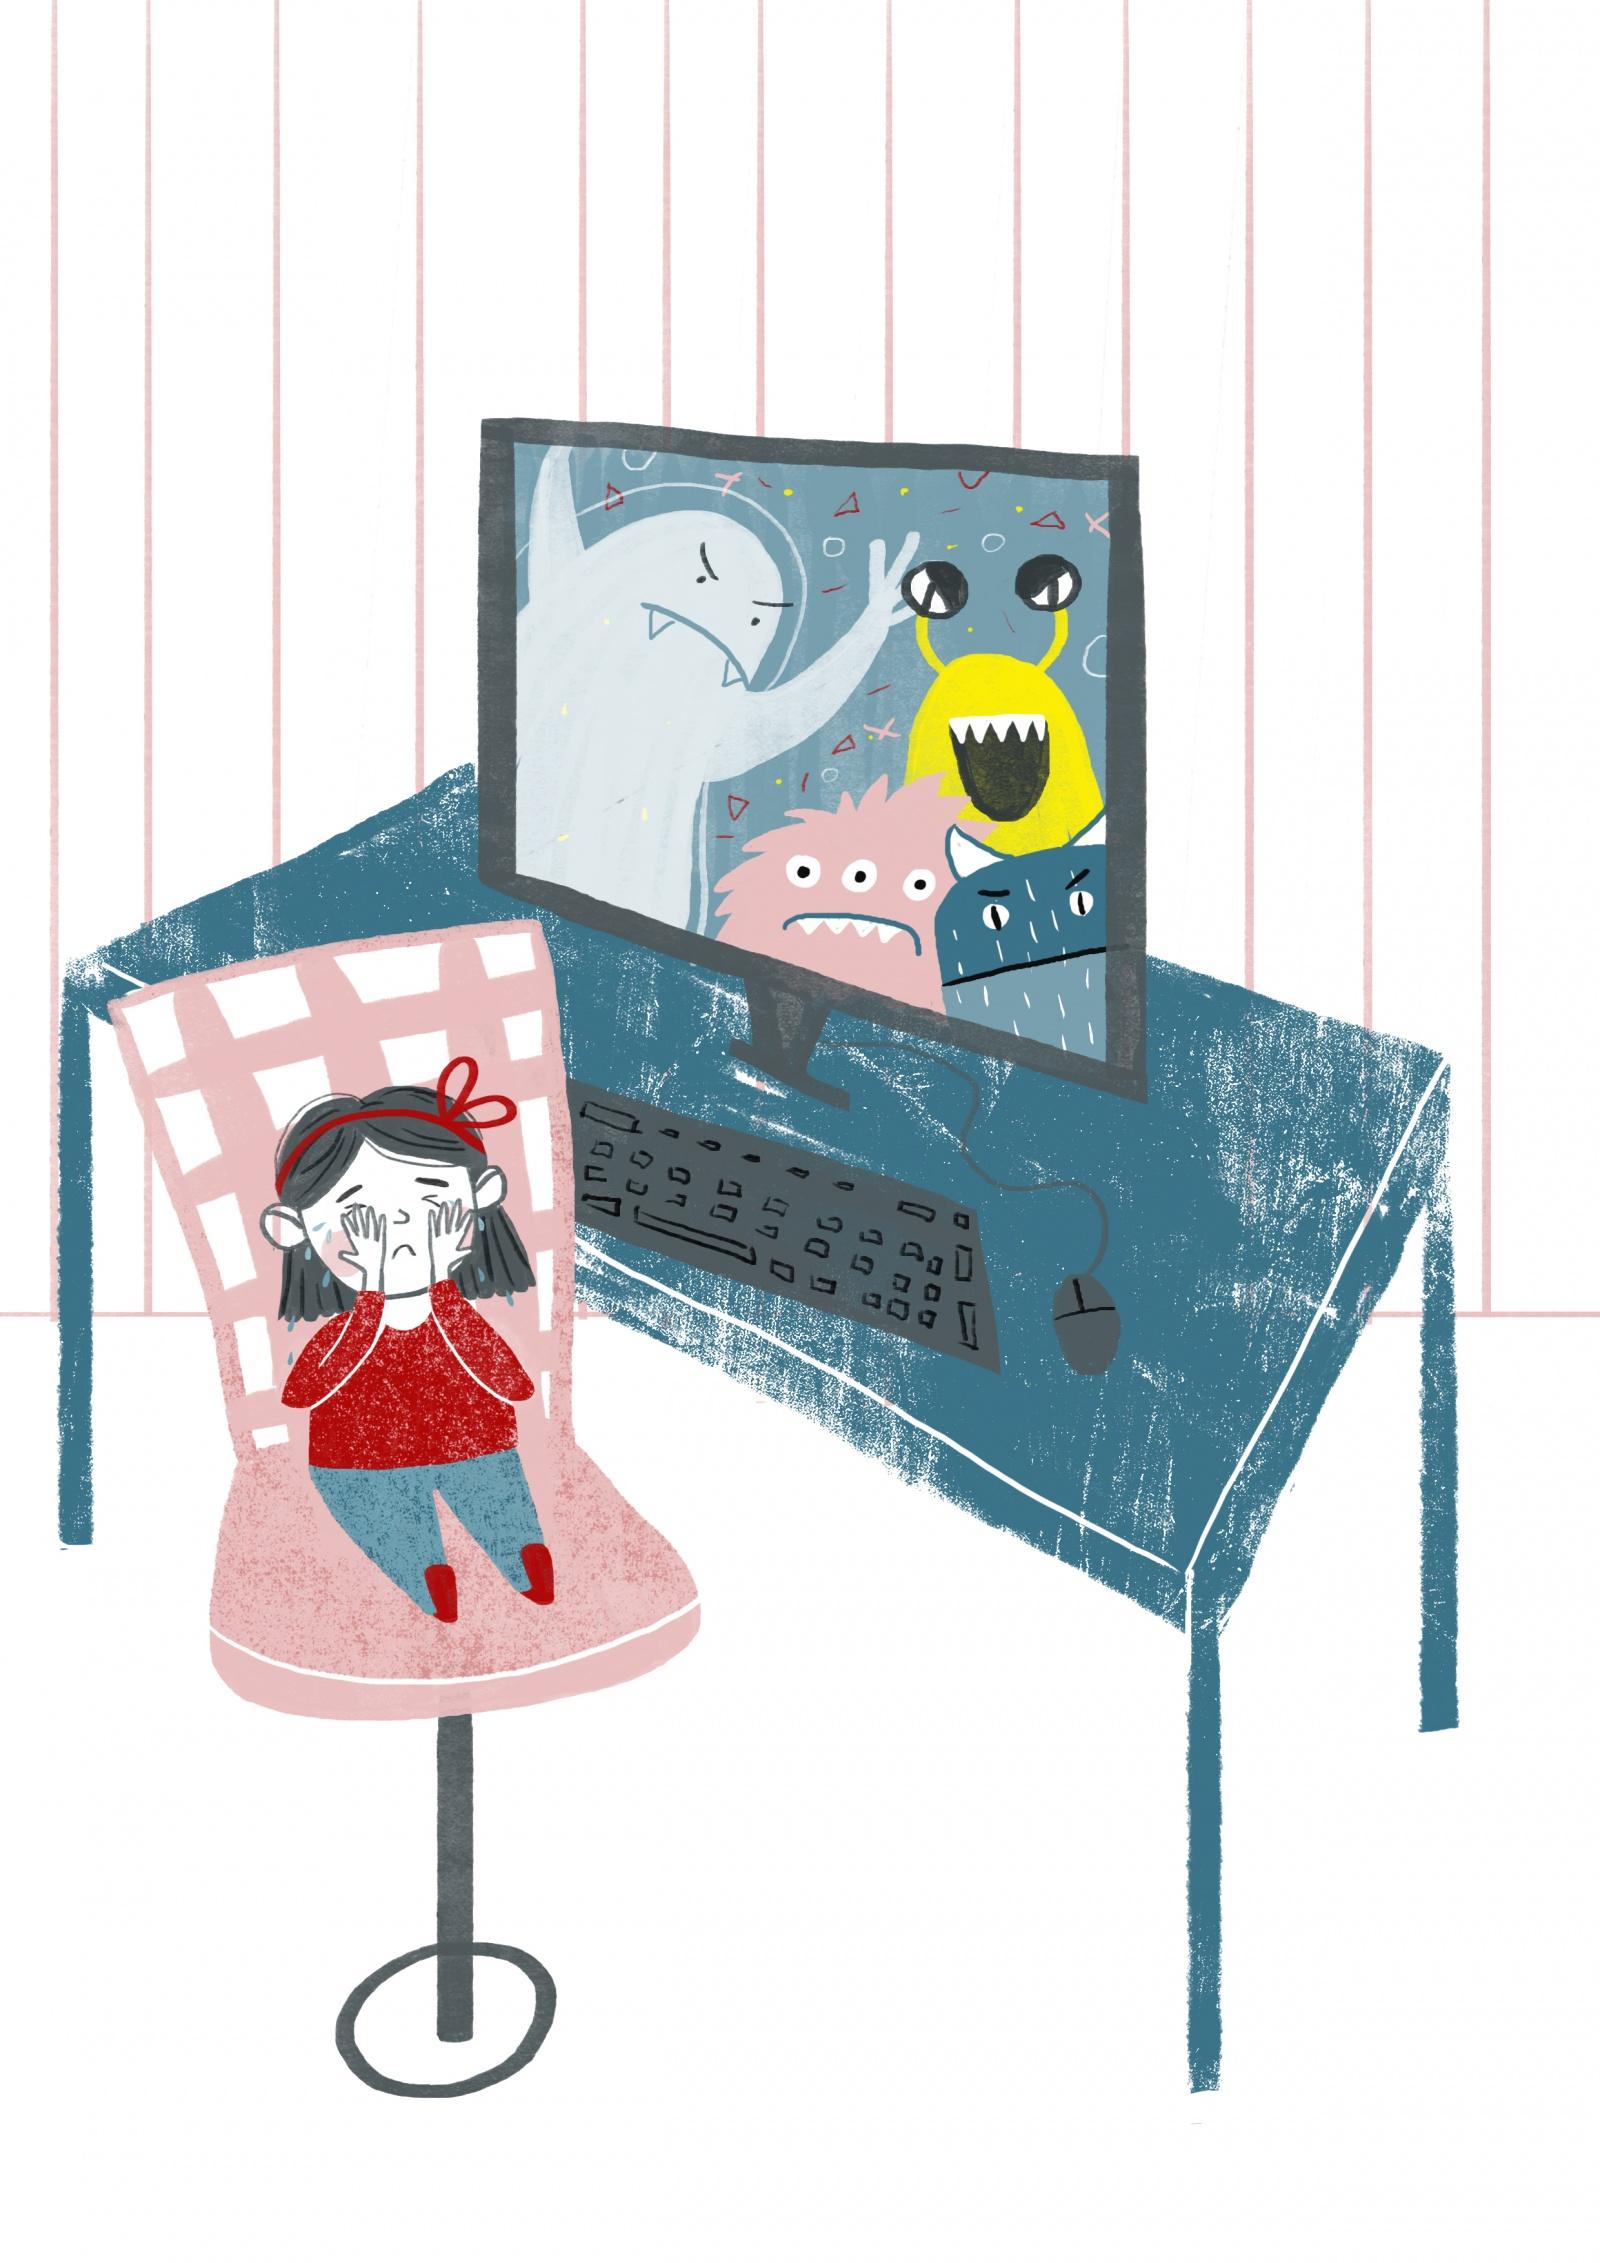 Ребенок, интернет и родители. Как избежать ловушек, получить пользу и остаться друзьями? - 3